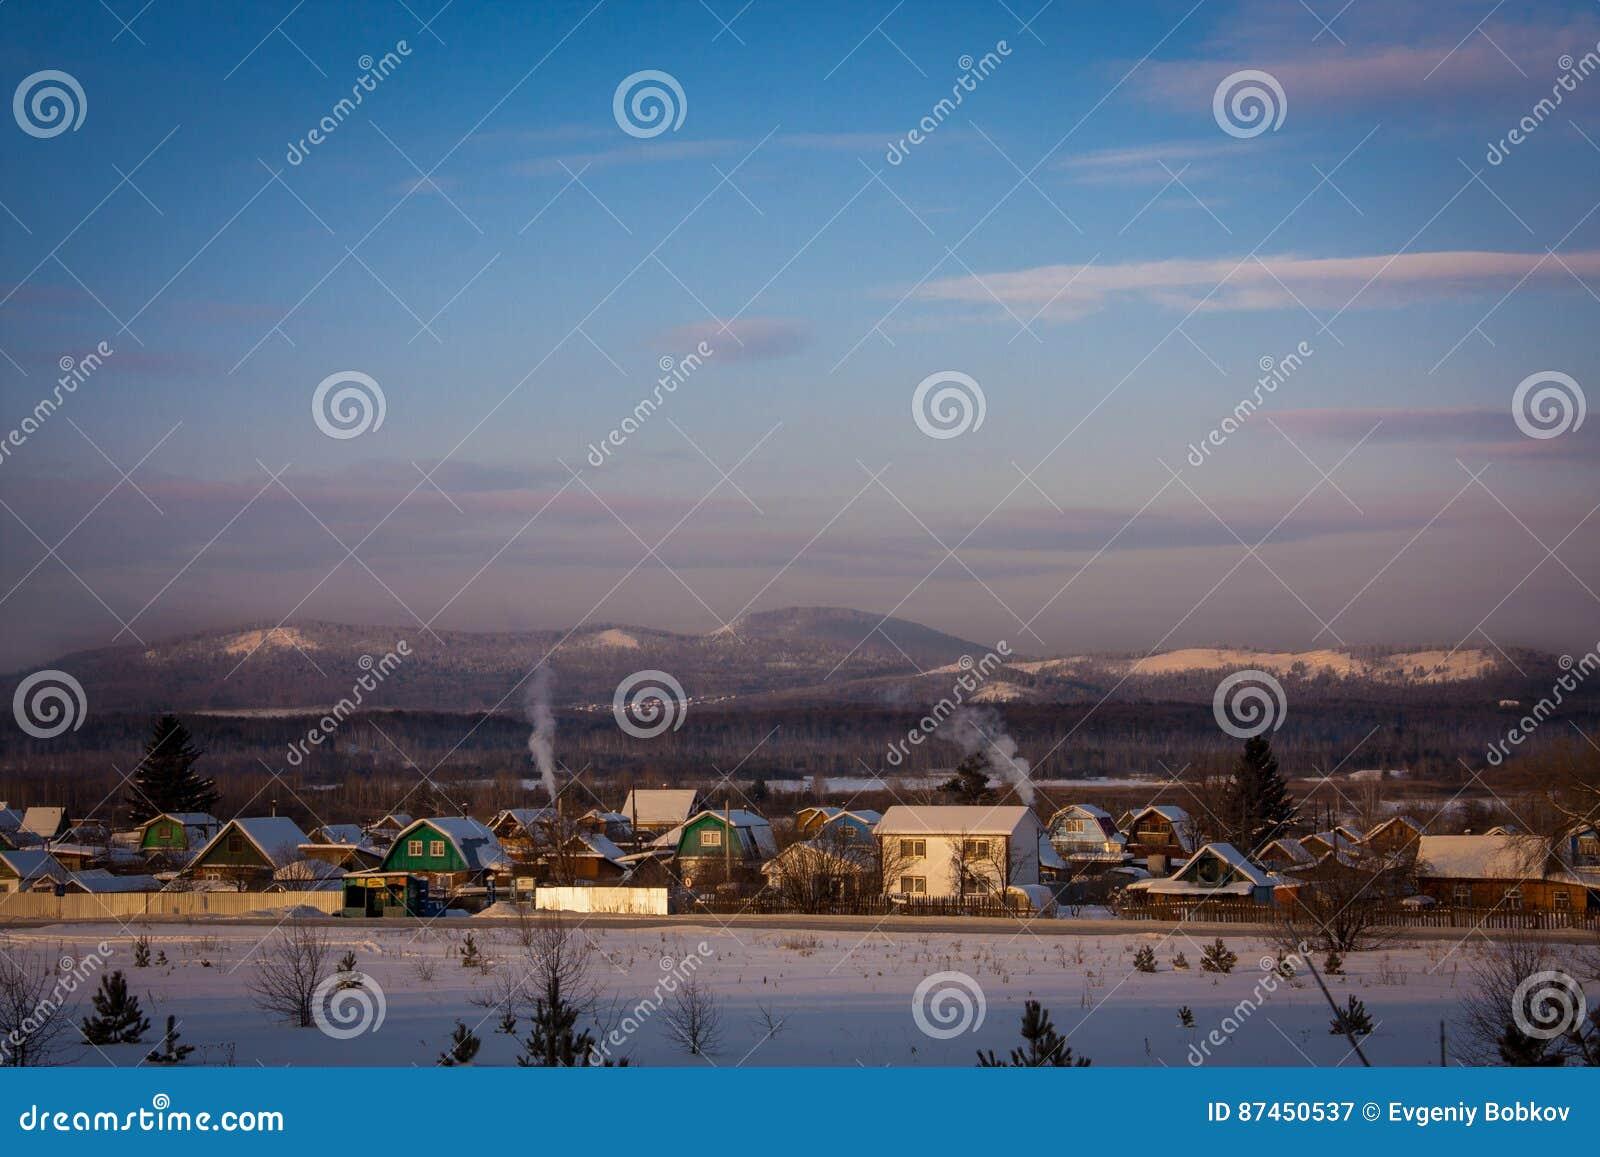 Русская деревня в горах